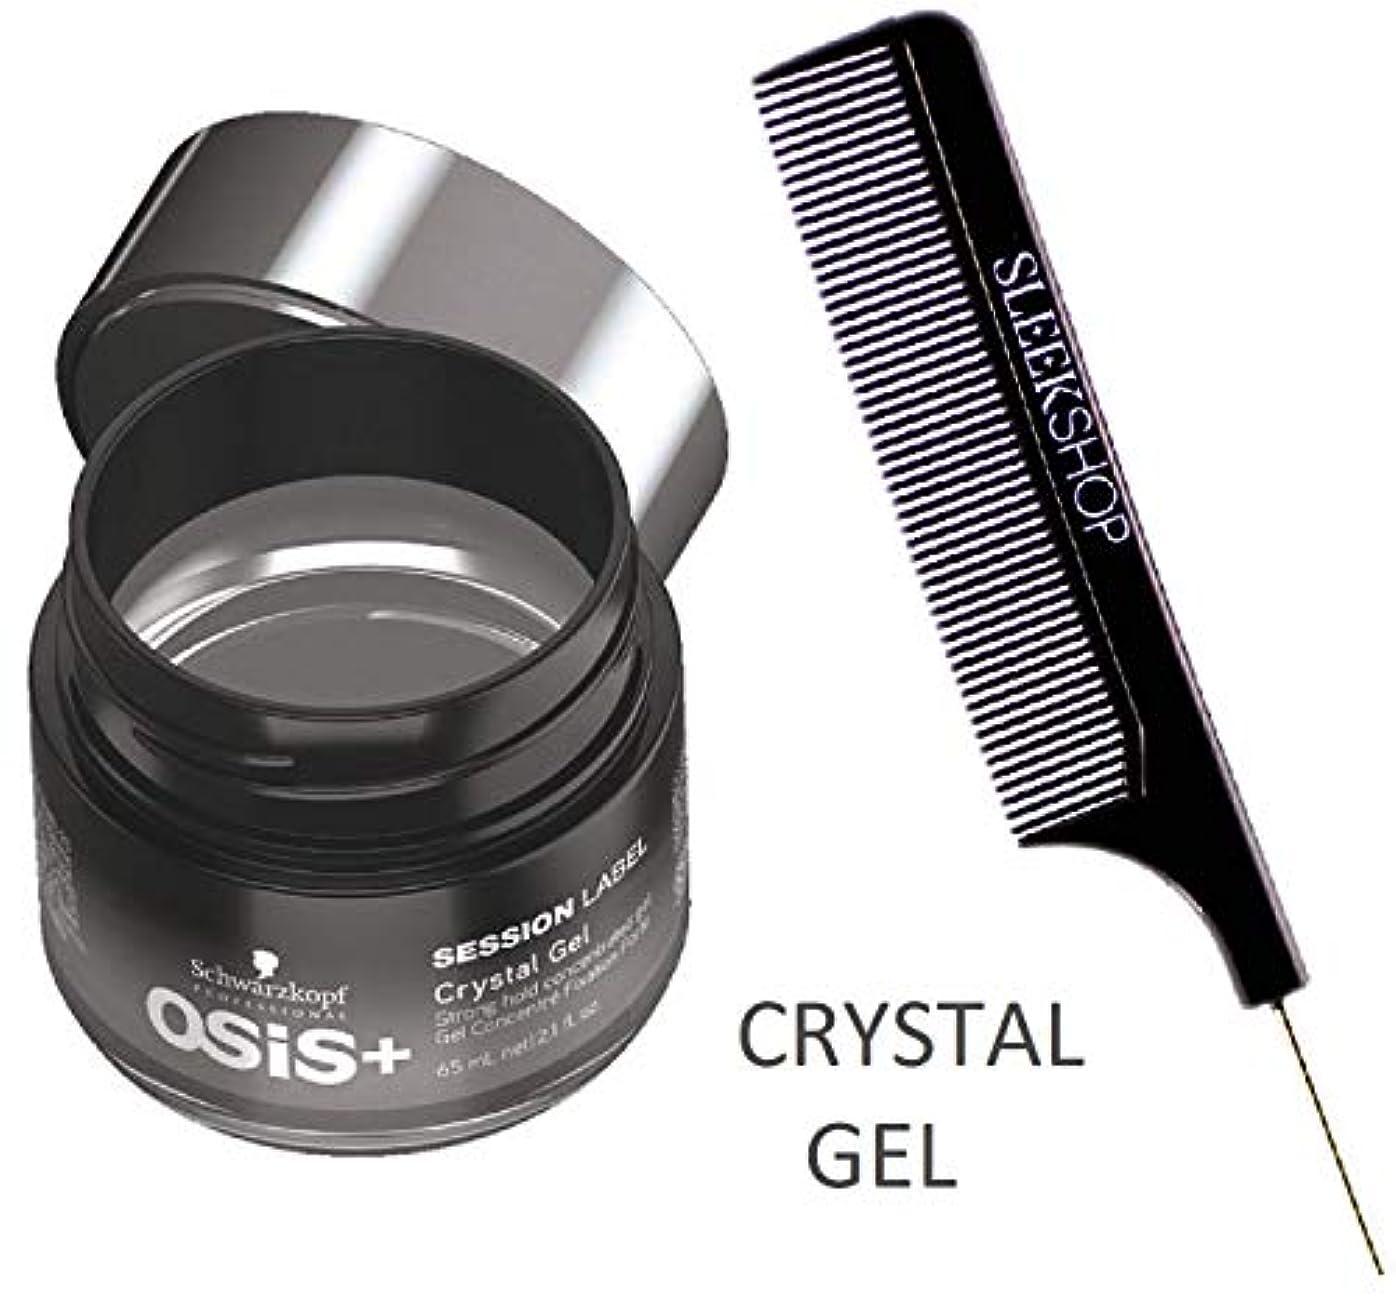 引用ご予約保証金Schwarzkopf OSIS +セッションラベルCRYSTAL GELストロングホールド濃縮ジェル(STYLISTのKIT) 2.1オンス/ 65ミリリットル